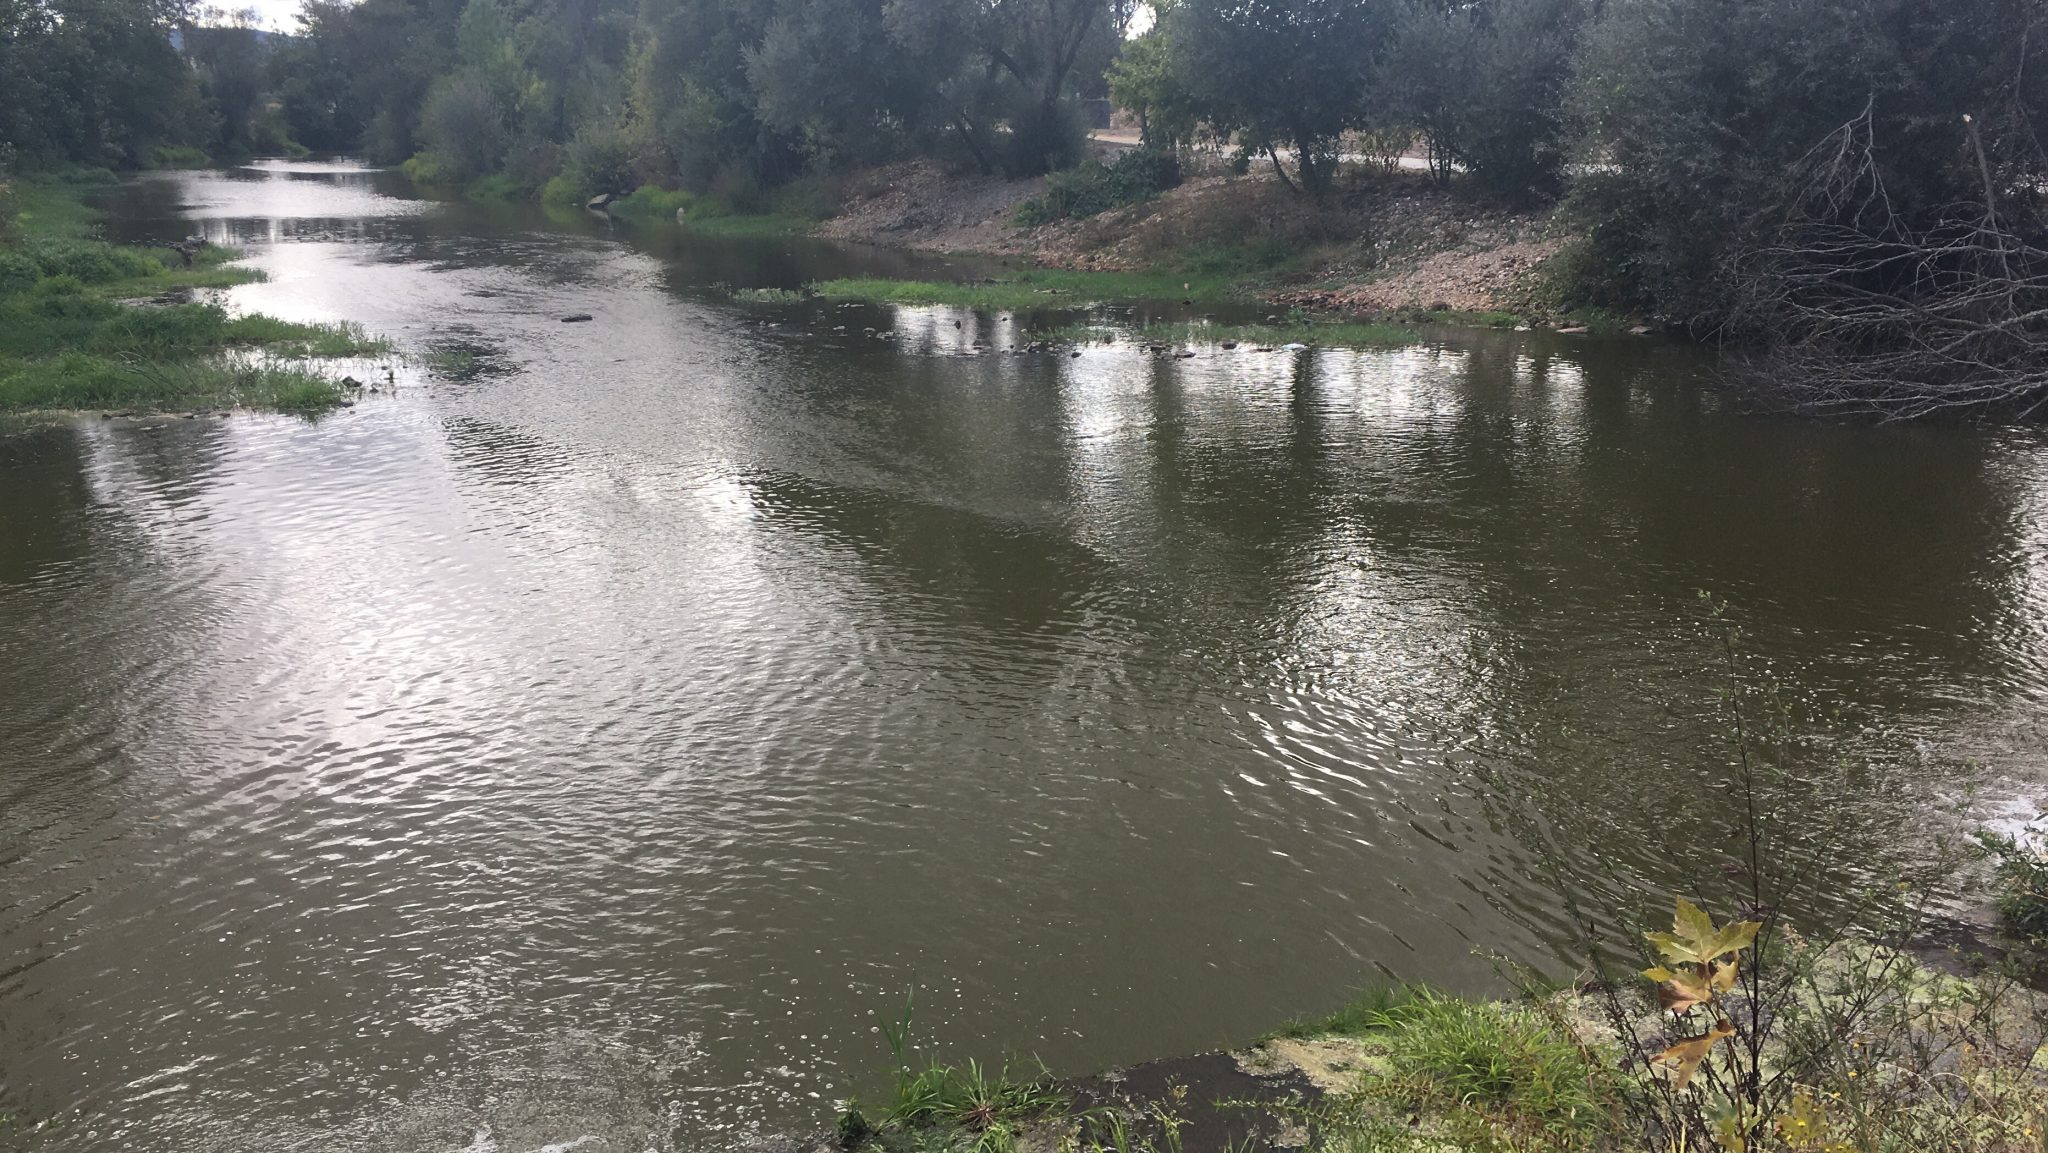 Poluição no Rio Tâmega. Veiga de Chaves. 12 de setembro de 2017